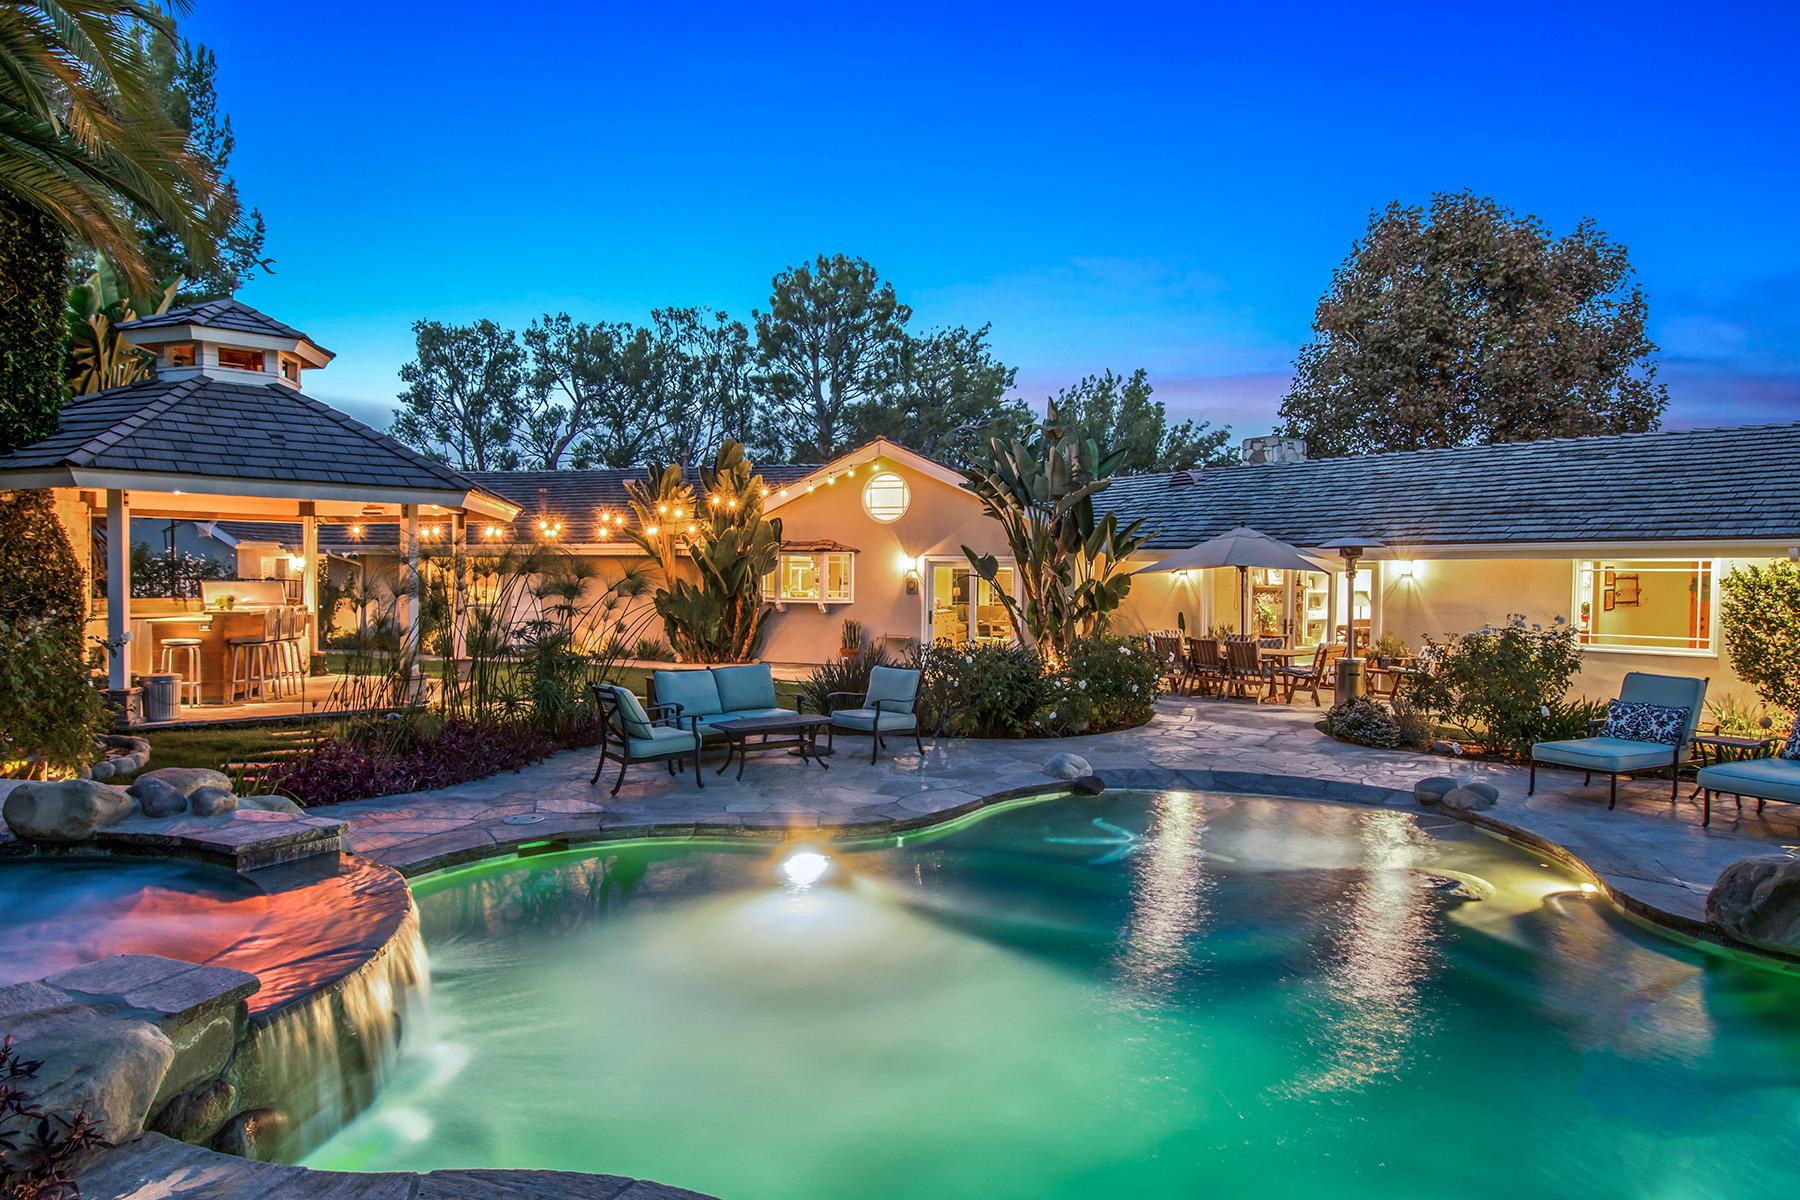 24929 Jim Bridger Road, Hidden Hills, CA 91302 - $2,355,000